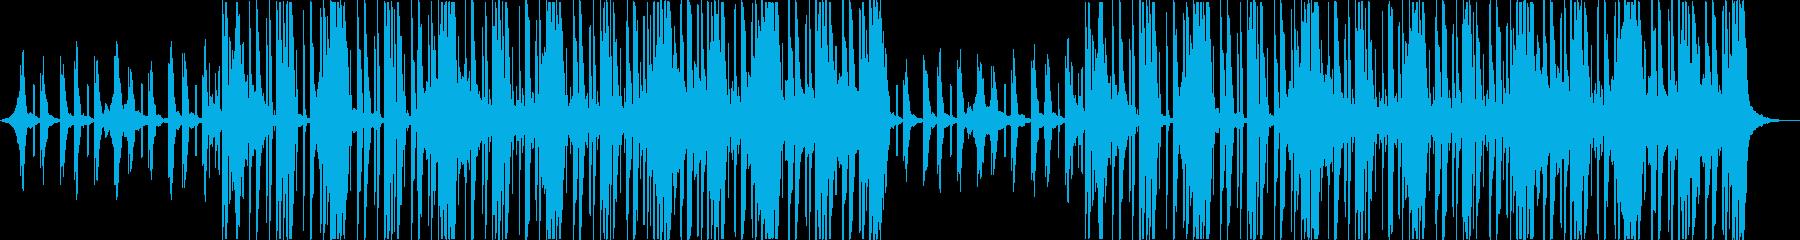 おしゃれ洋楽ヒップホップR&Bソウルbの再生済みの波形